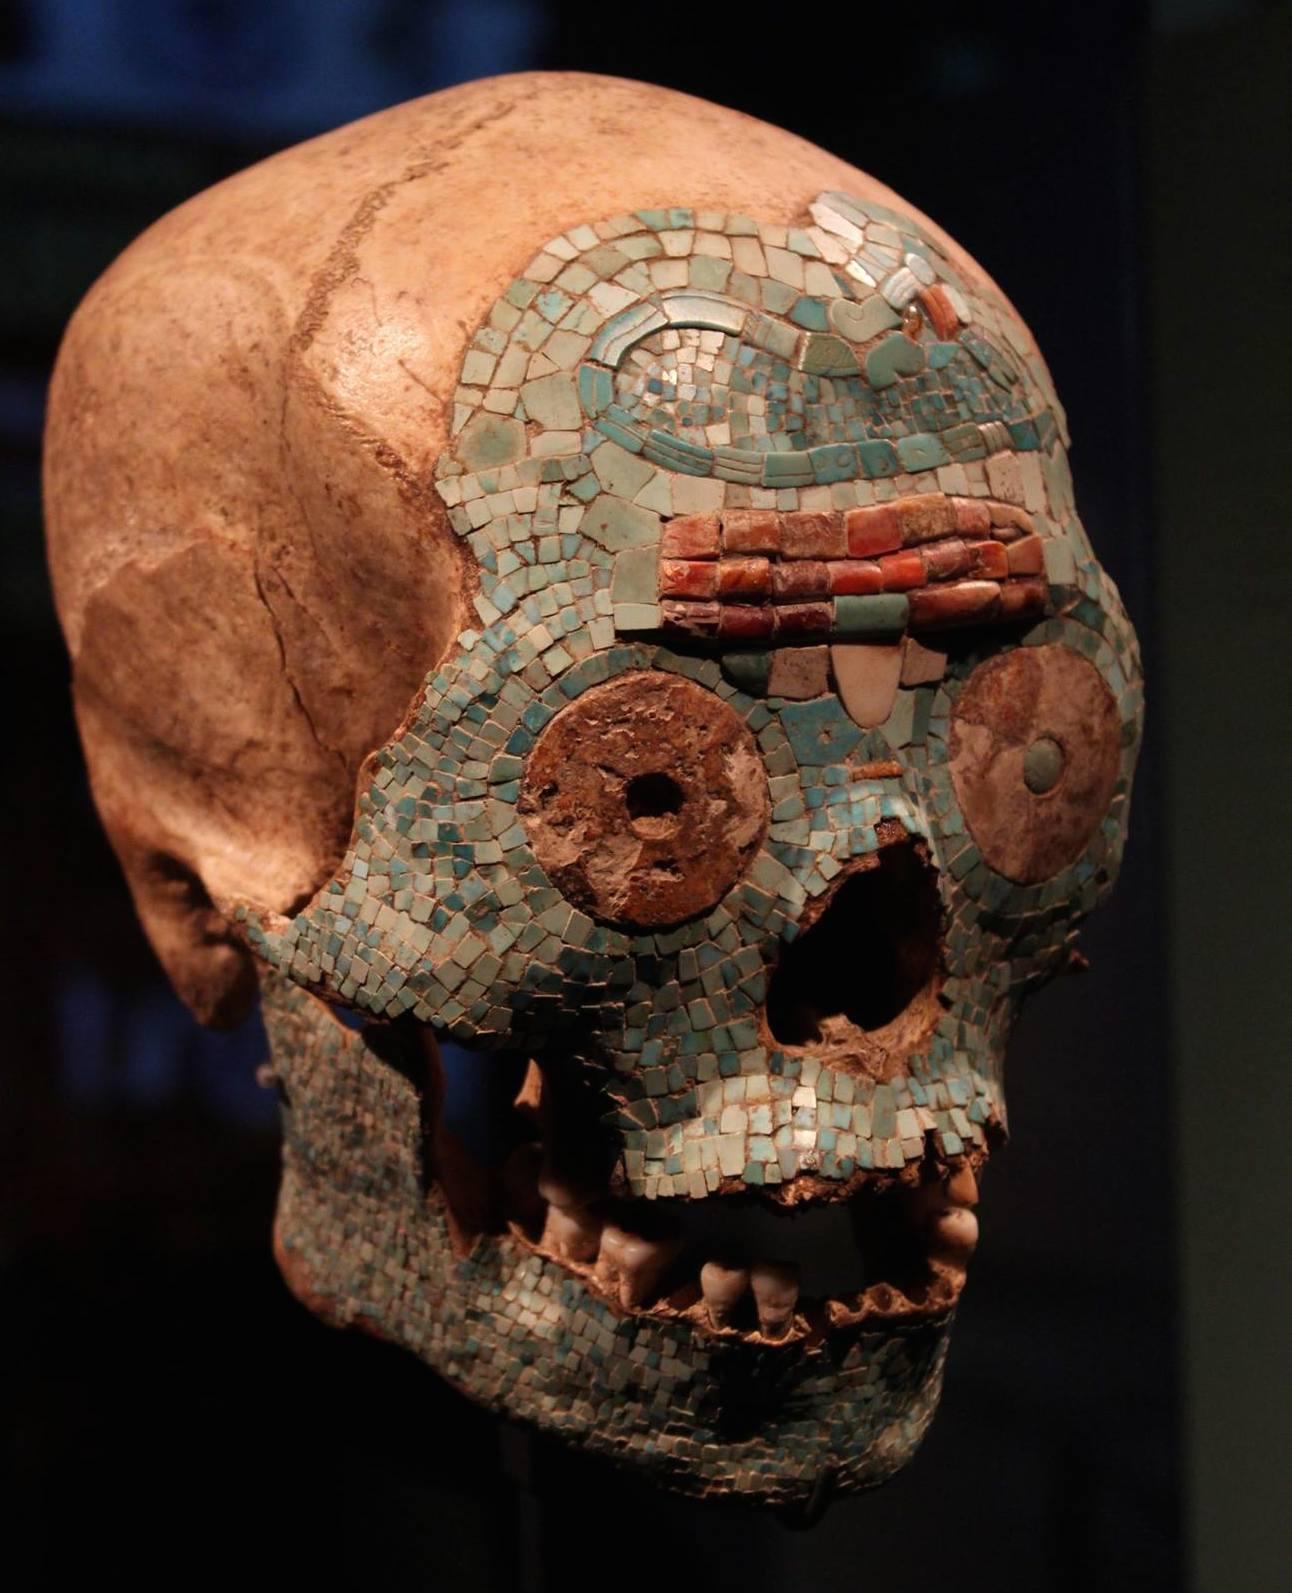 fake-mixtec-skull-museum-volkenkunde-leiden